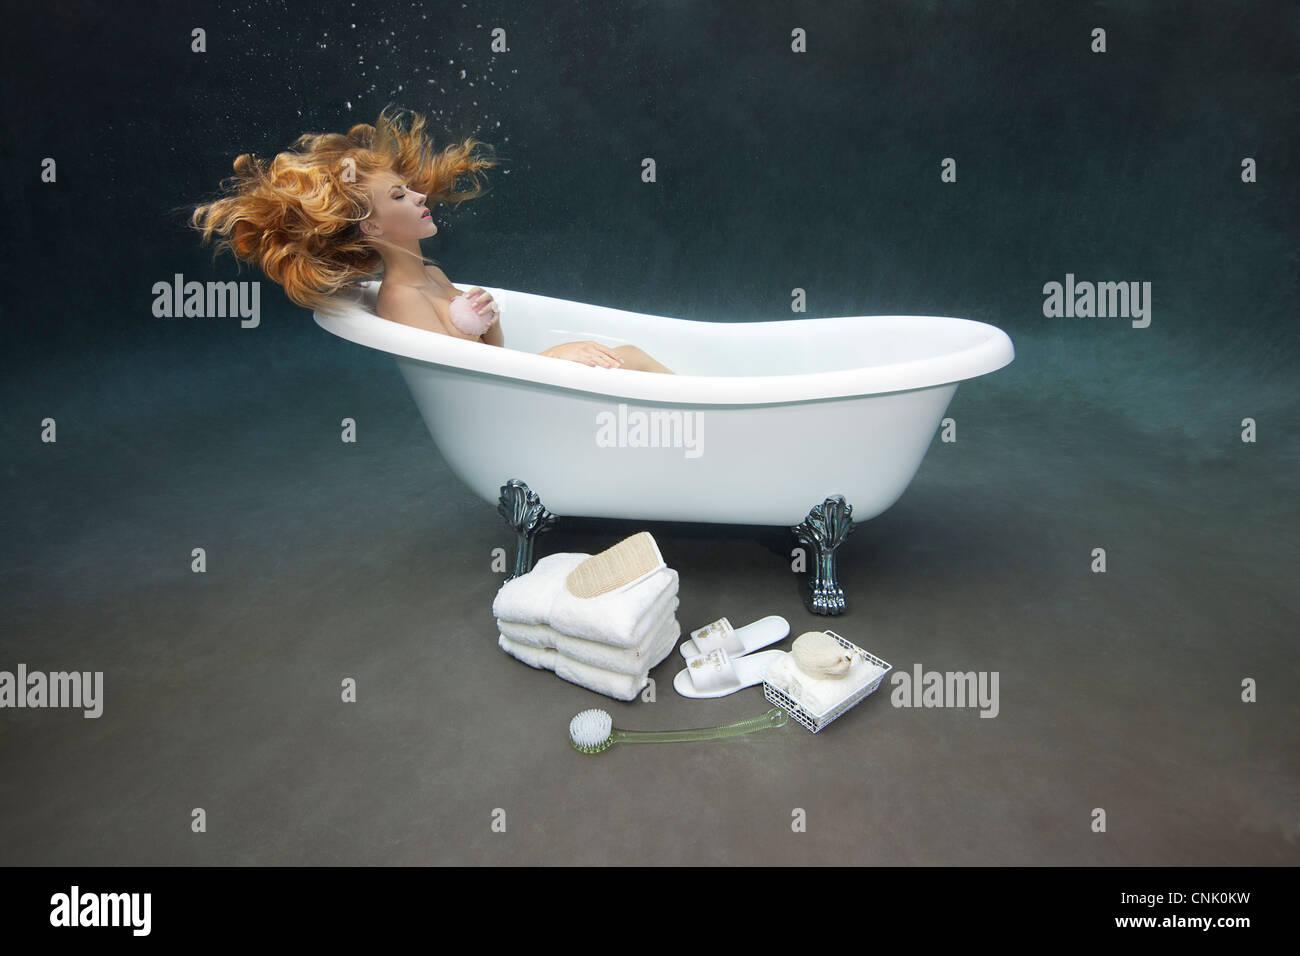 Junge Frau, die sich unter Wasser in ihrem Victoria + Albert Baden Clawfoot Wanne Stockbild